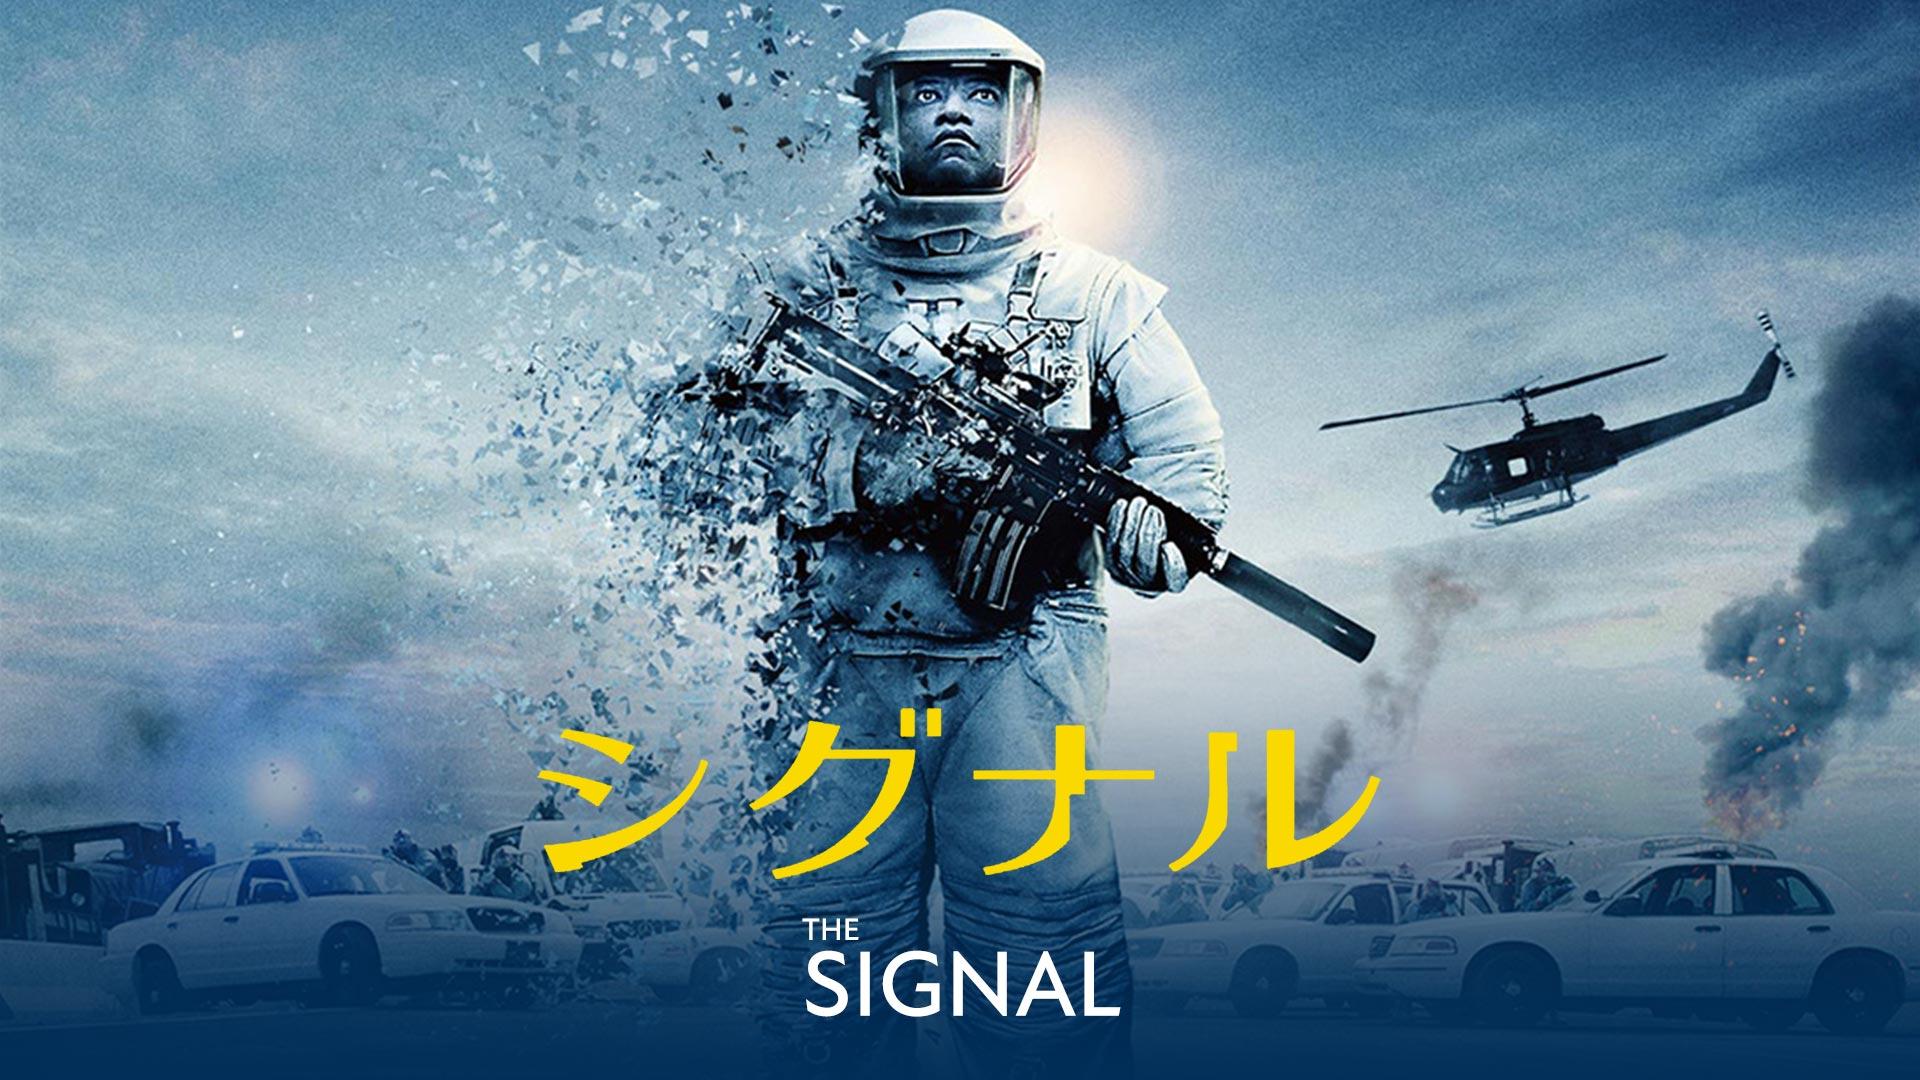 シグナル(字幕版)